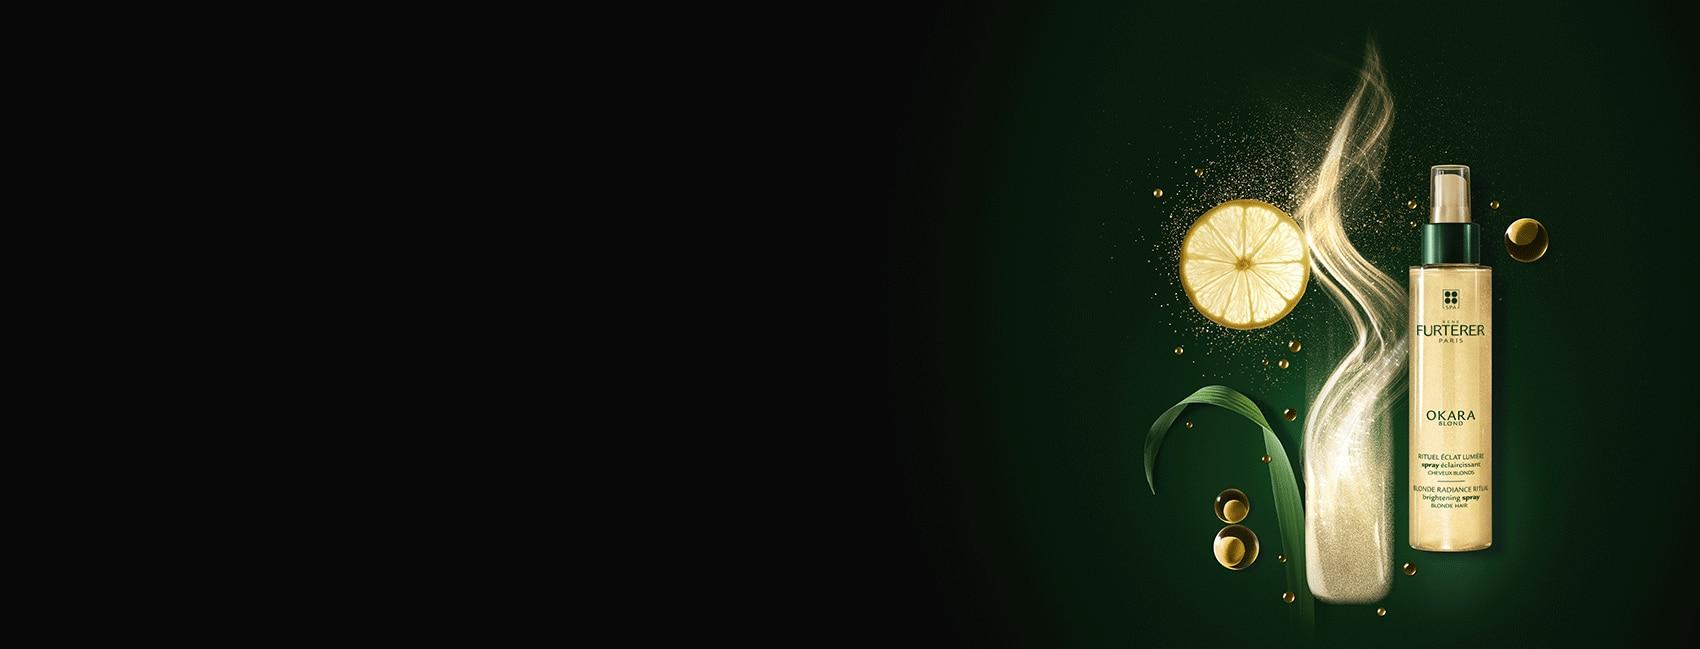 OKARA BLOND - Ritual brillo luminosidad - Cabellos rubios naturales, con mechas o decolorados | René Furterer